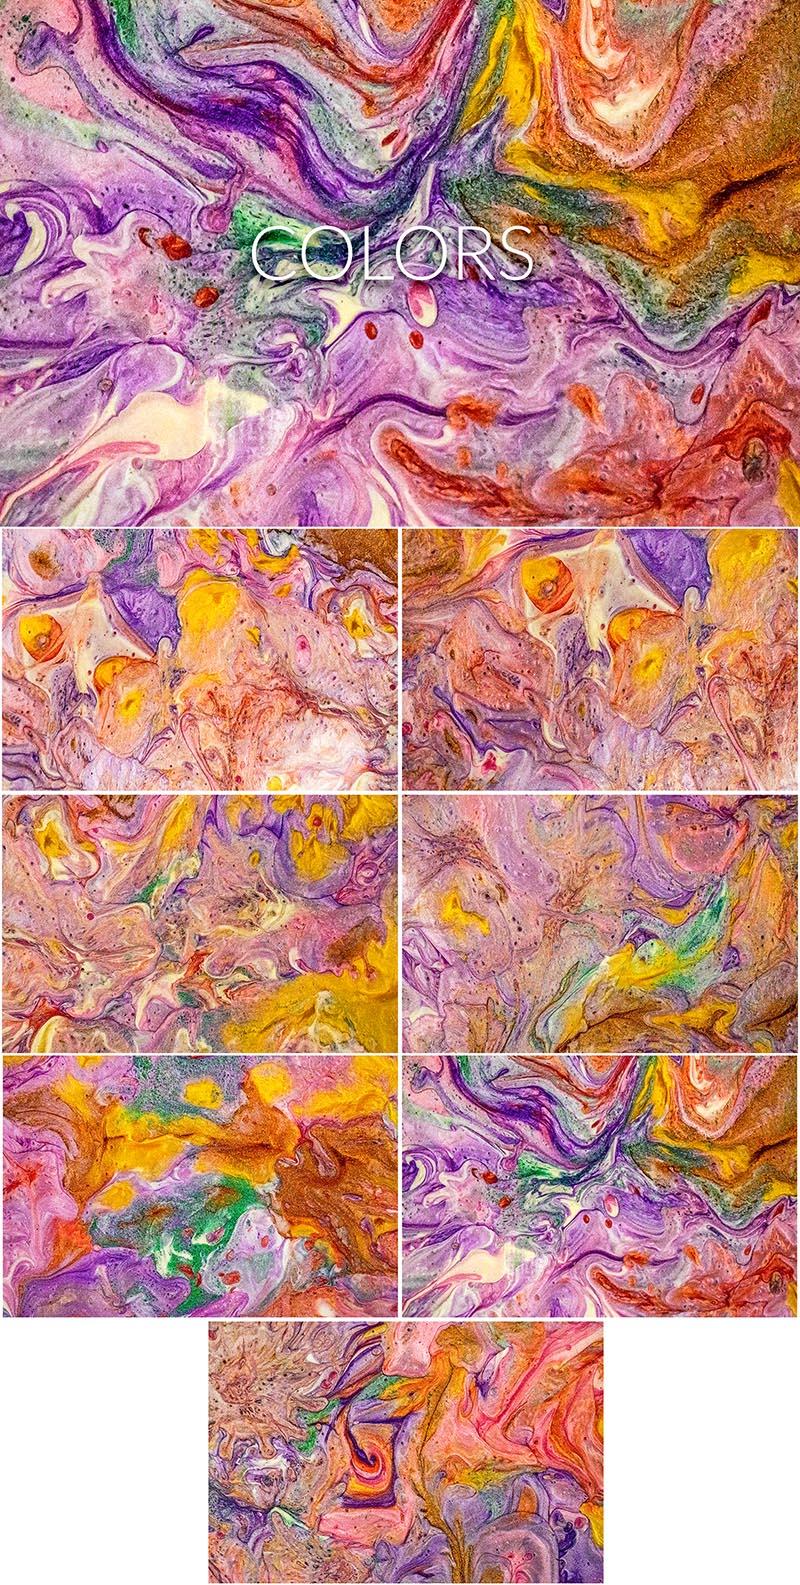 750+ Best Liquid Paint Backgrounds in 2020 - Liquid Paint Colors PREVIEW